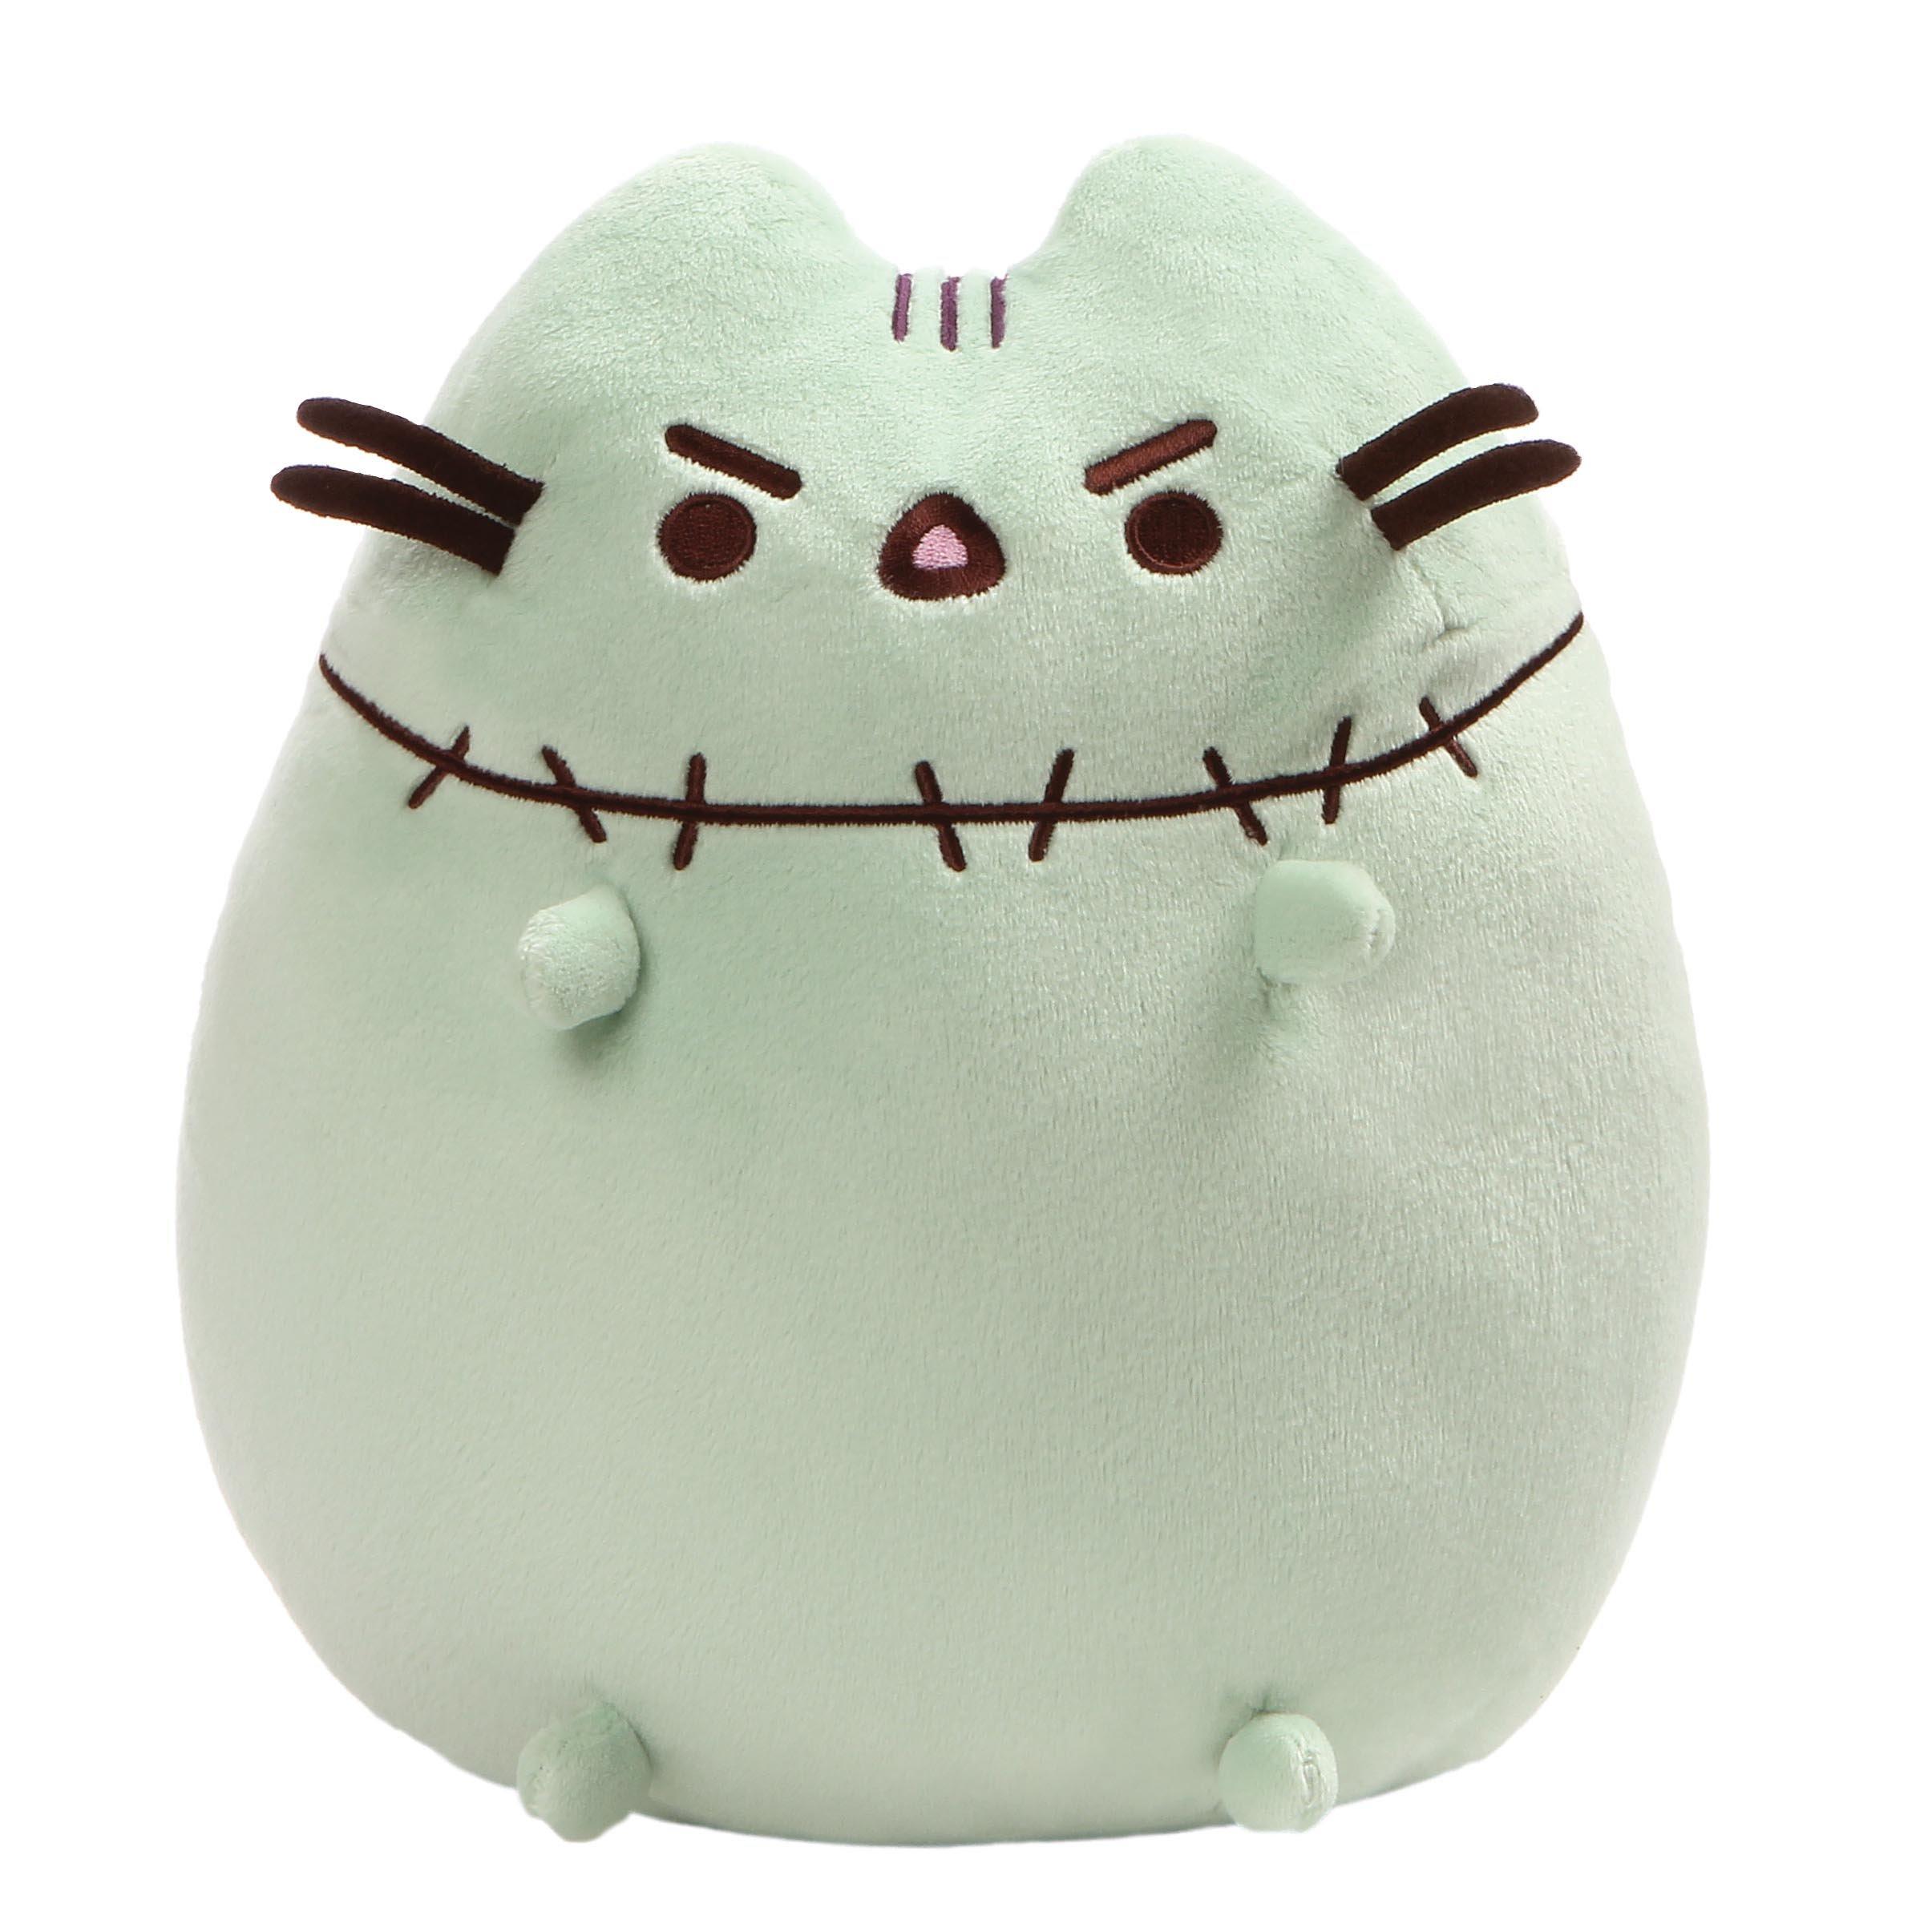 GUND Pusheen Zombie Halloween Cat Plush Stuffed Animal, Green, 9.5'' by GUND